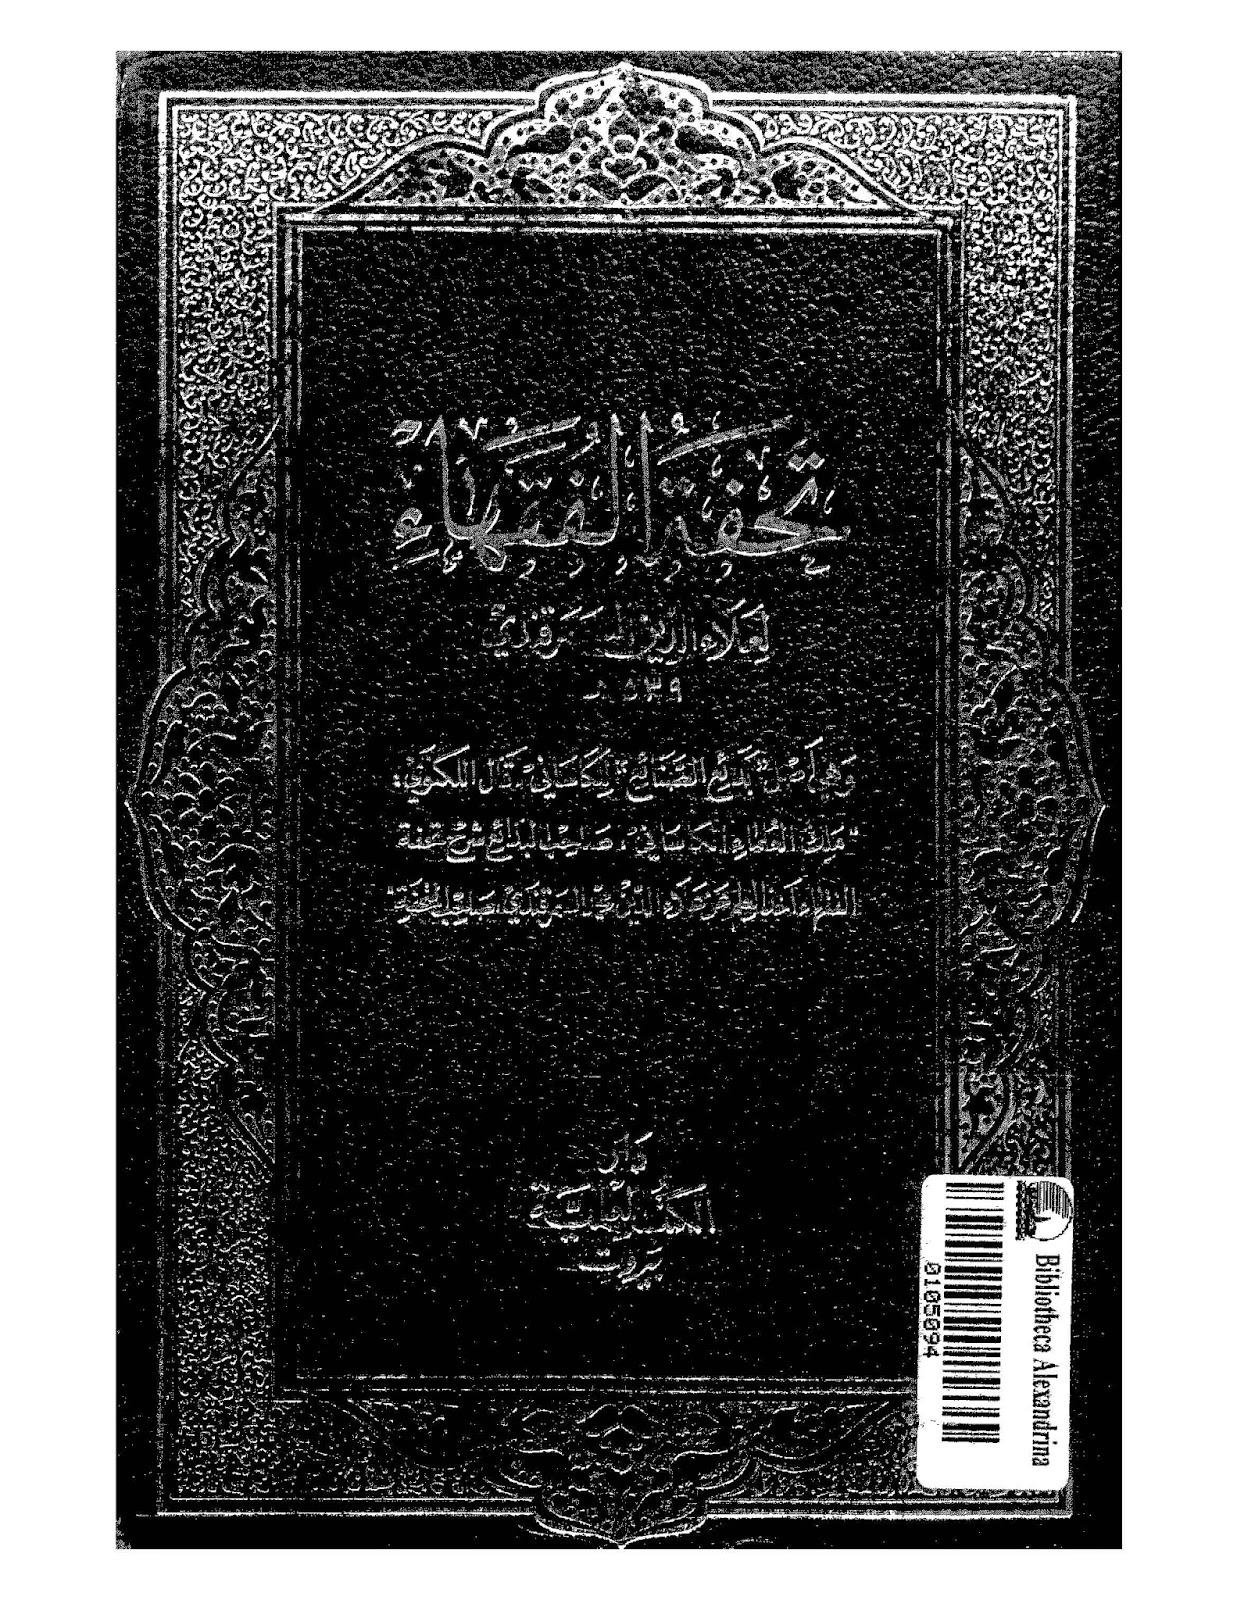 كتاب تحفة الفقهاء لـ السمرقندي